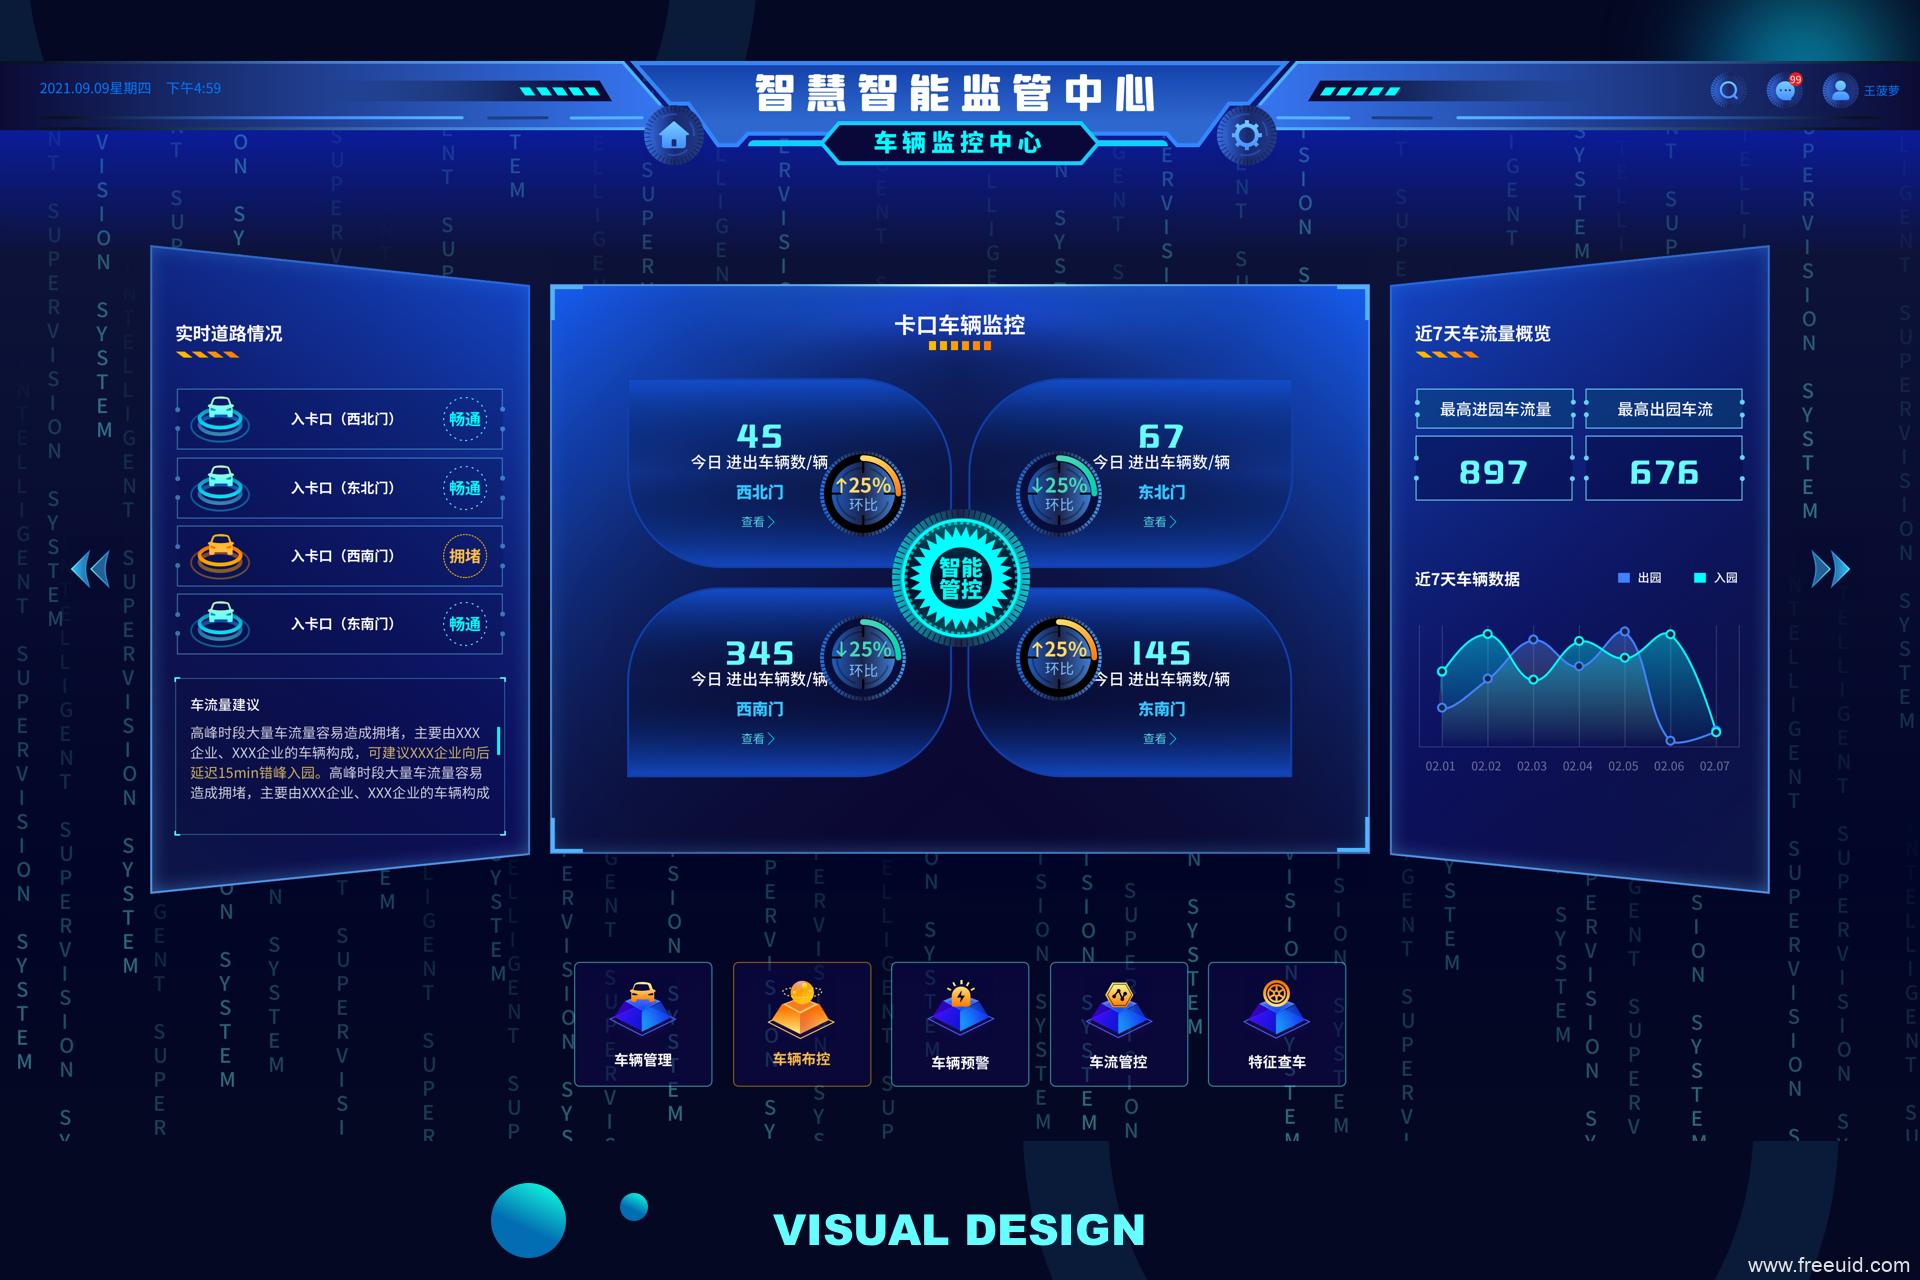 大数据可视化蓝色科技智慧预警大屏后台统计